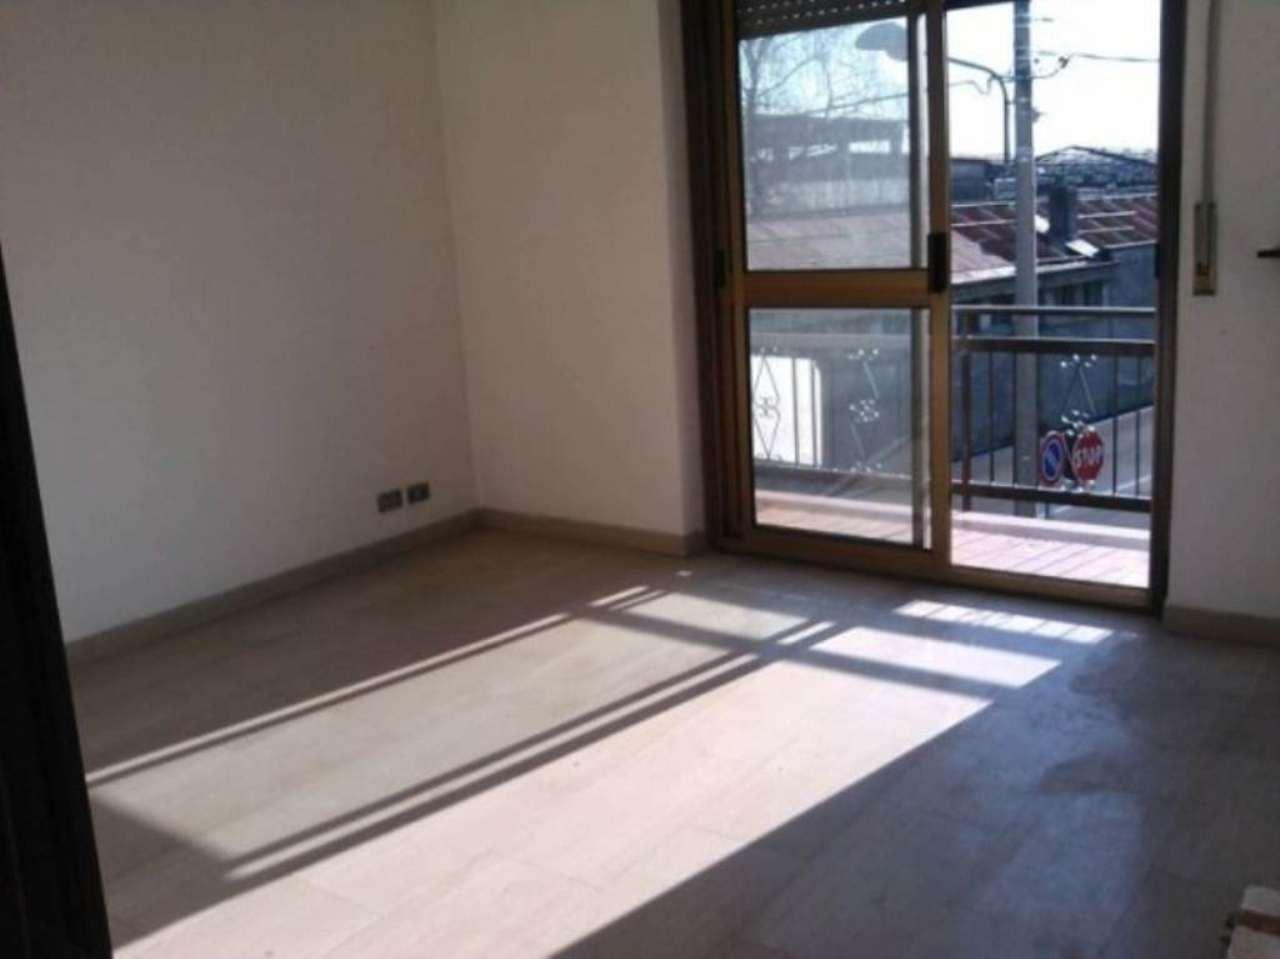 Appartamento in vendita a Ceriano Laghetto, 3 locali, prezzo € 120.000 | Cambio Casa.it